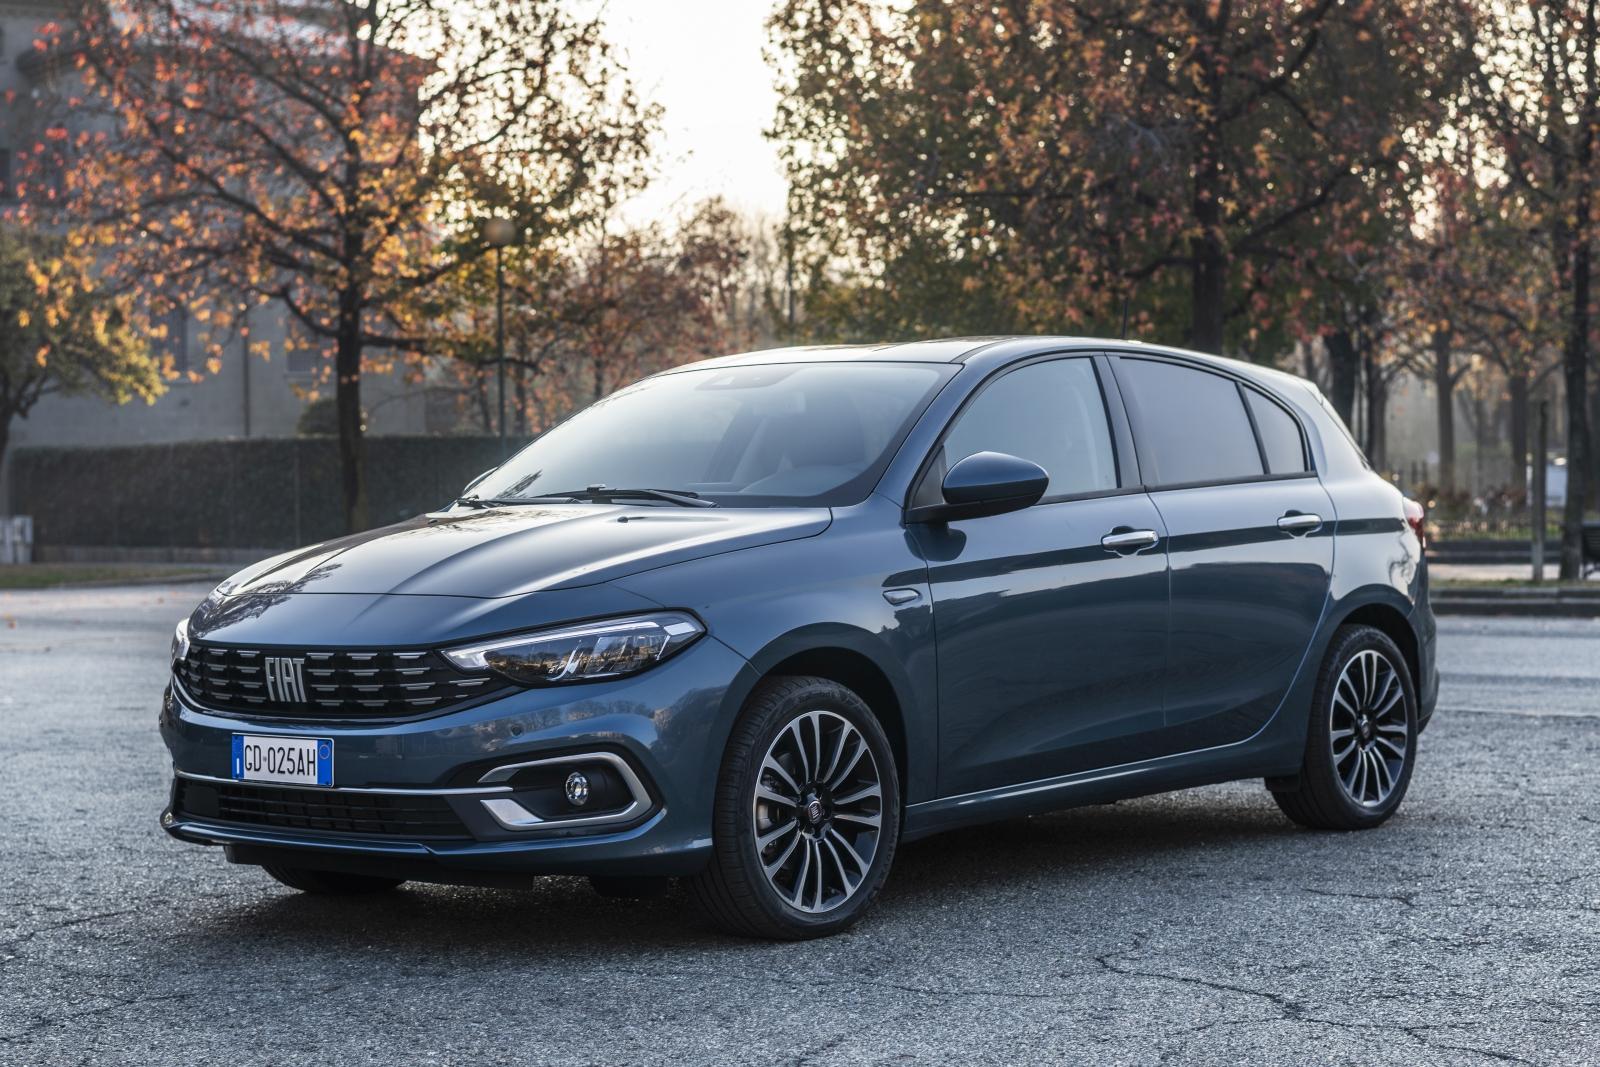 Új Fiat Tipo modellcsalád